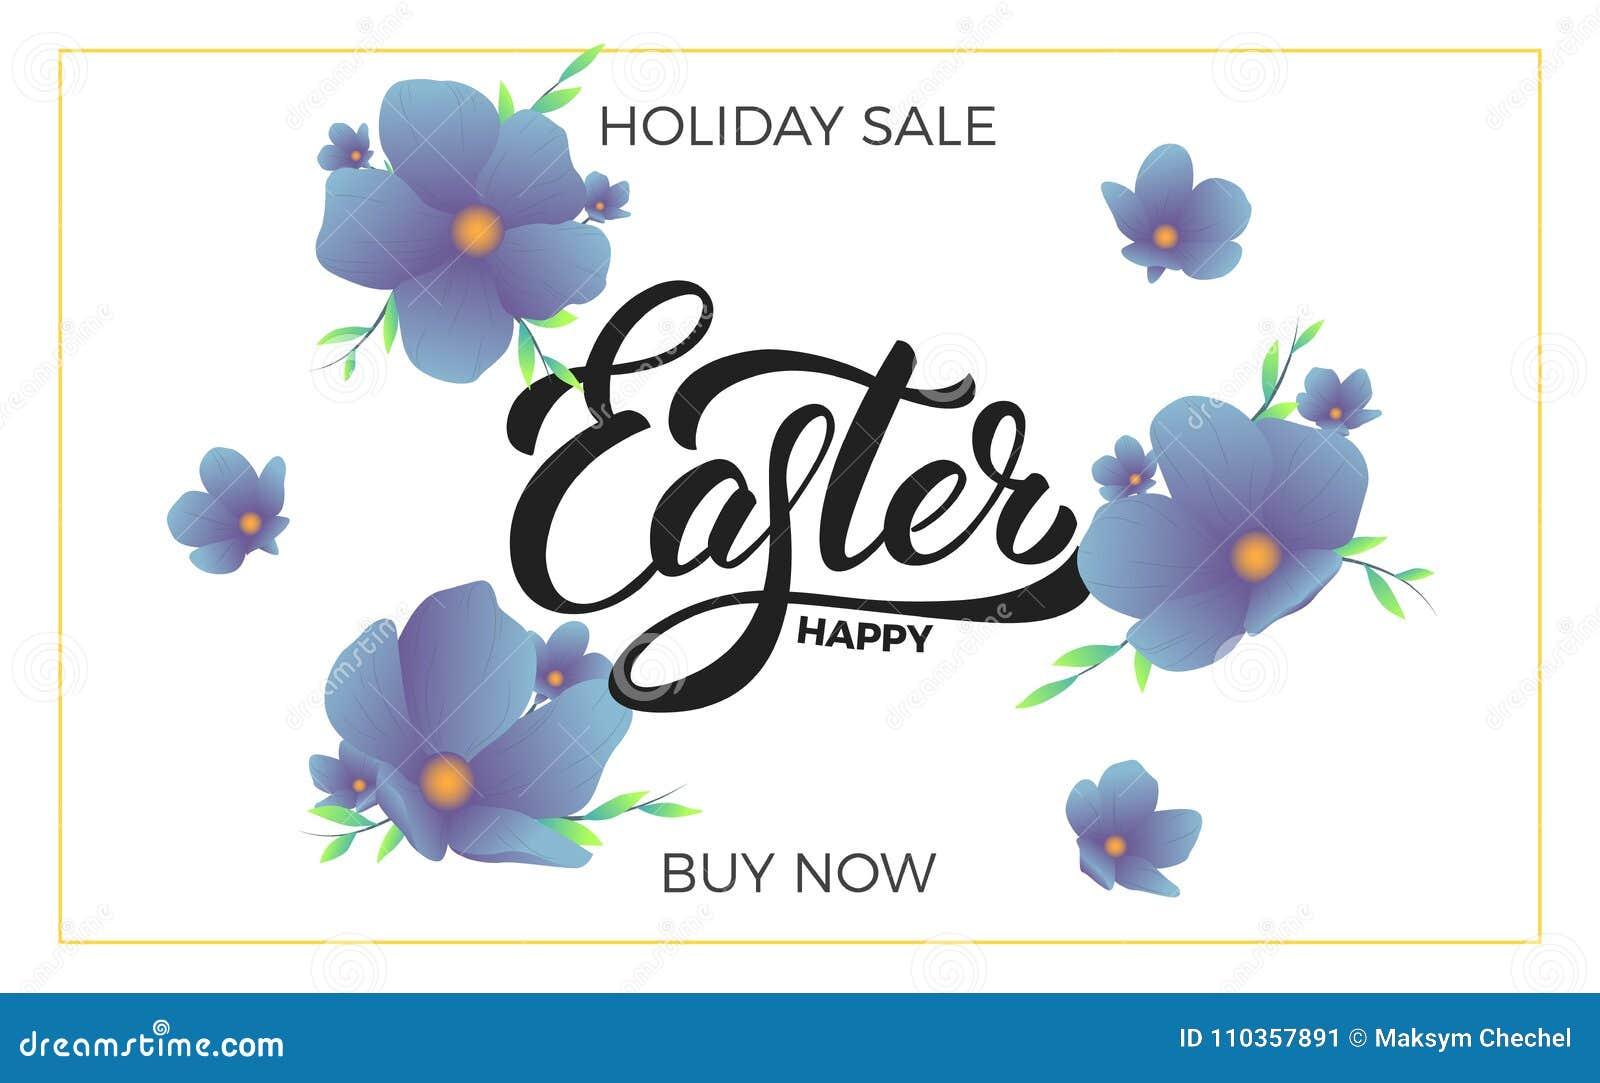 Påsk Sale banerbakgrund med moderiktiga vårblommor och lycklig påskbokstäver Mall för påskförsäljningsdesign